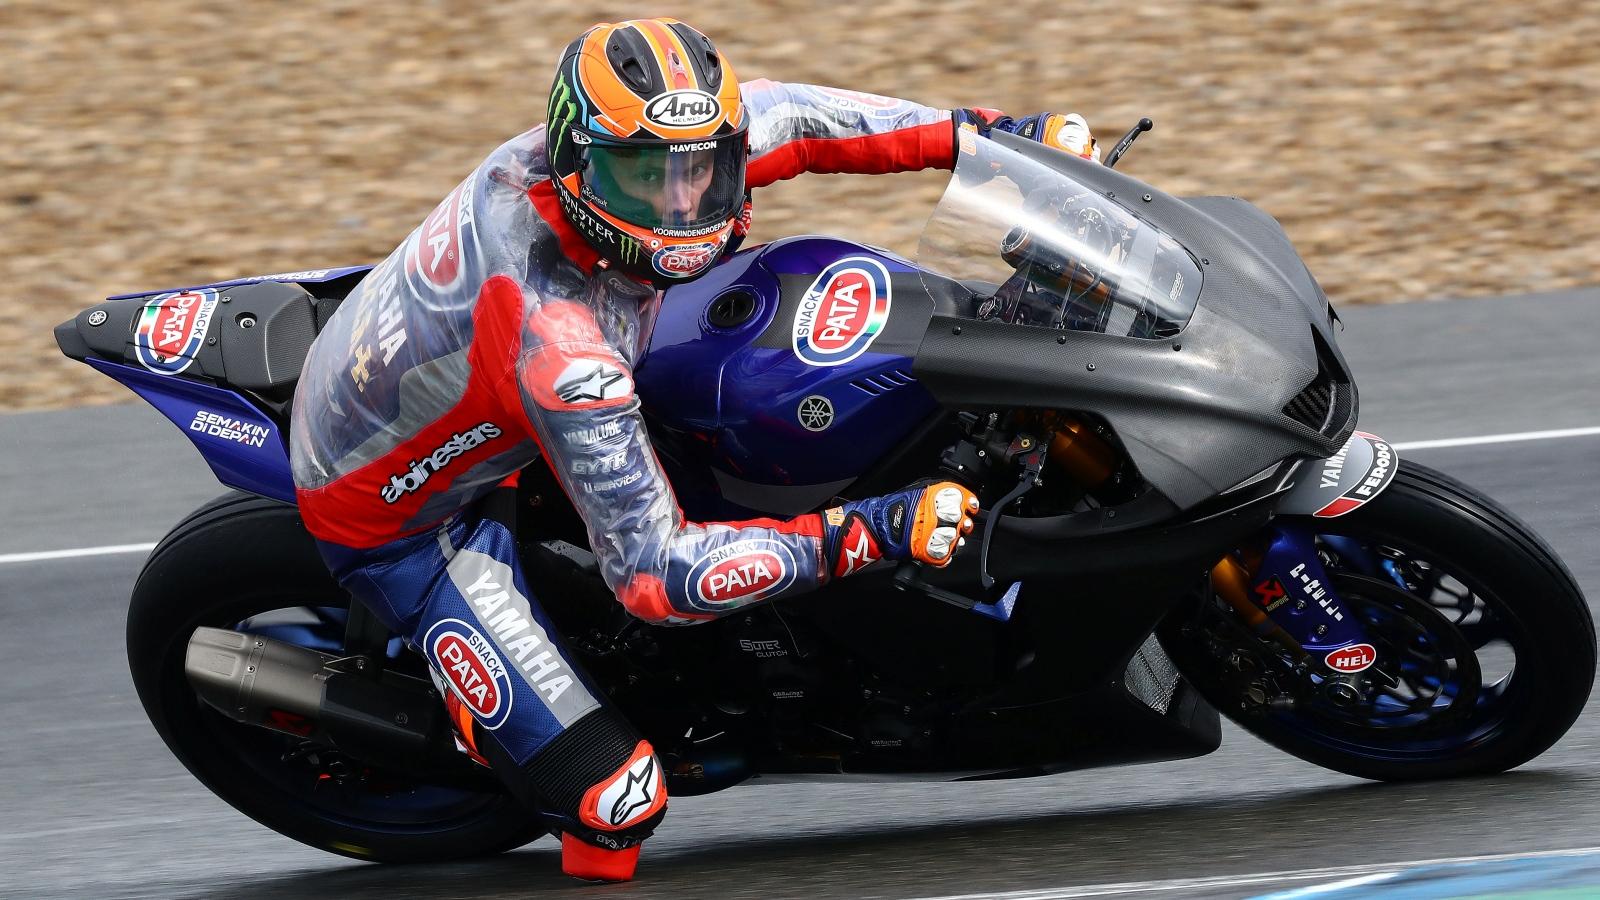 Leon Haslam pone a la Honda al frente de los test de Jerez en un día pasado por agua